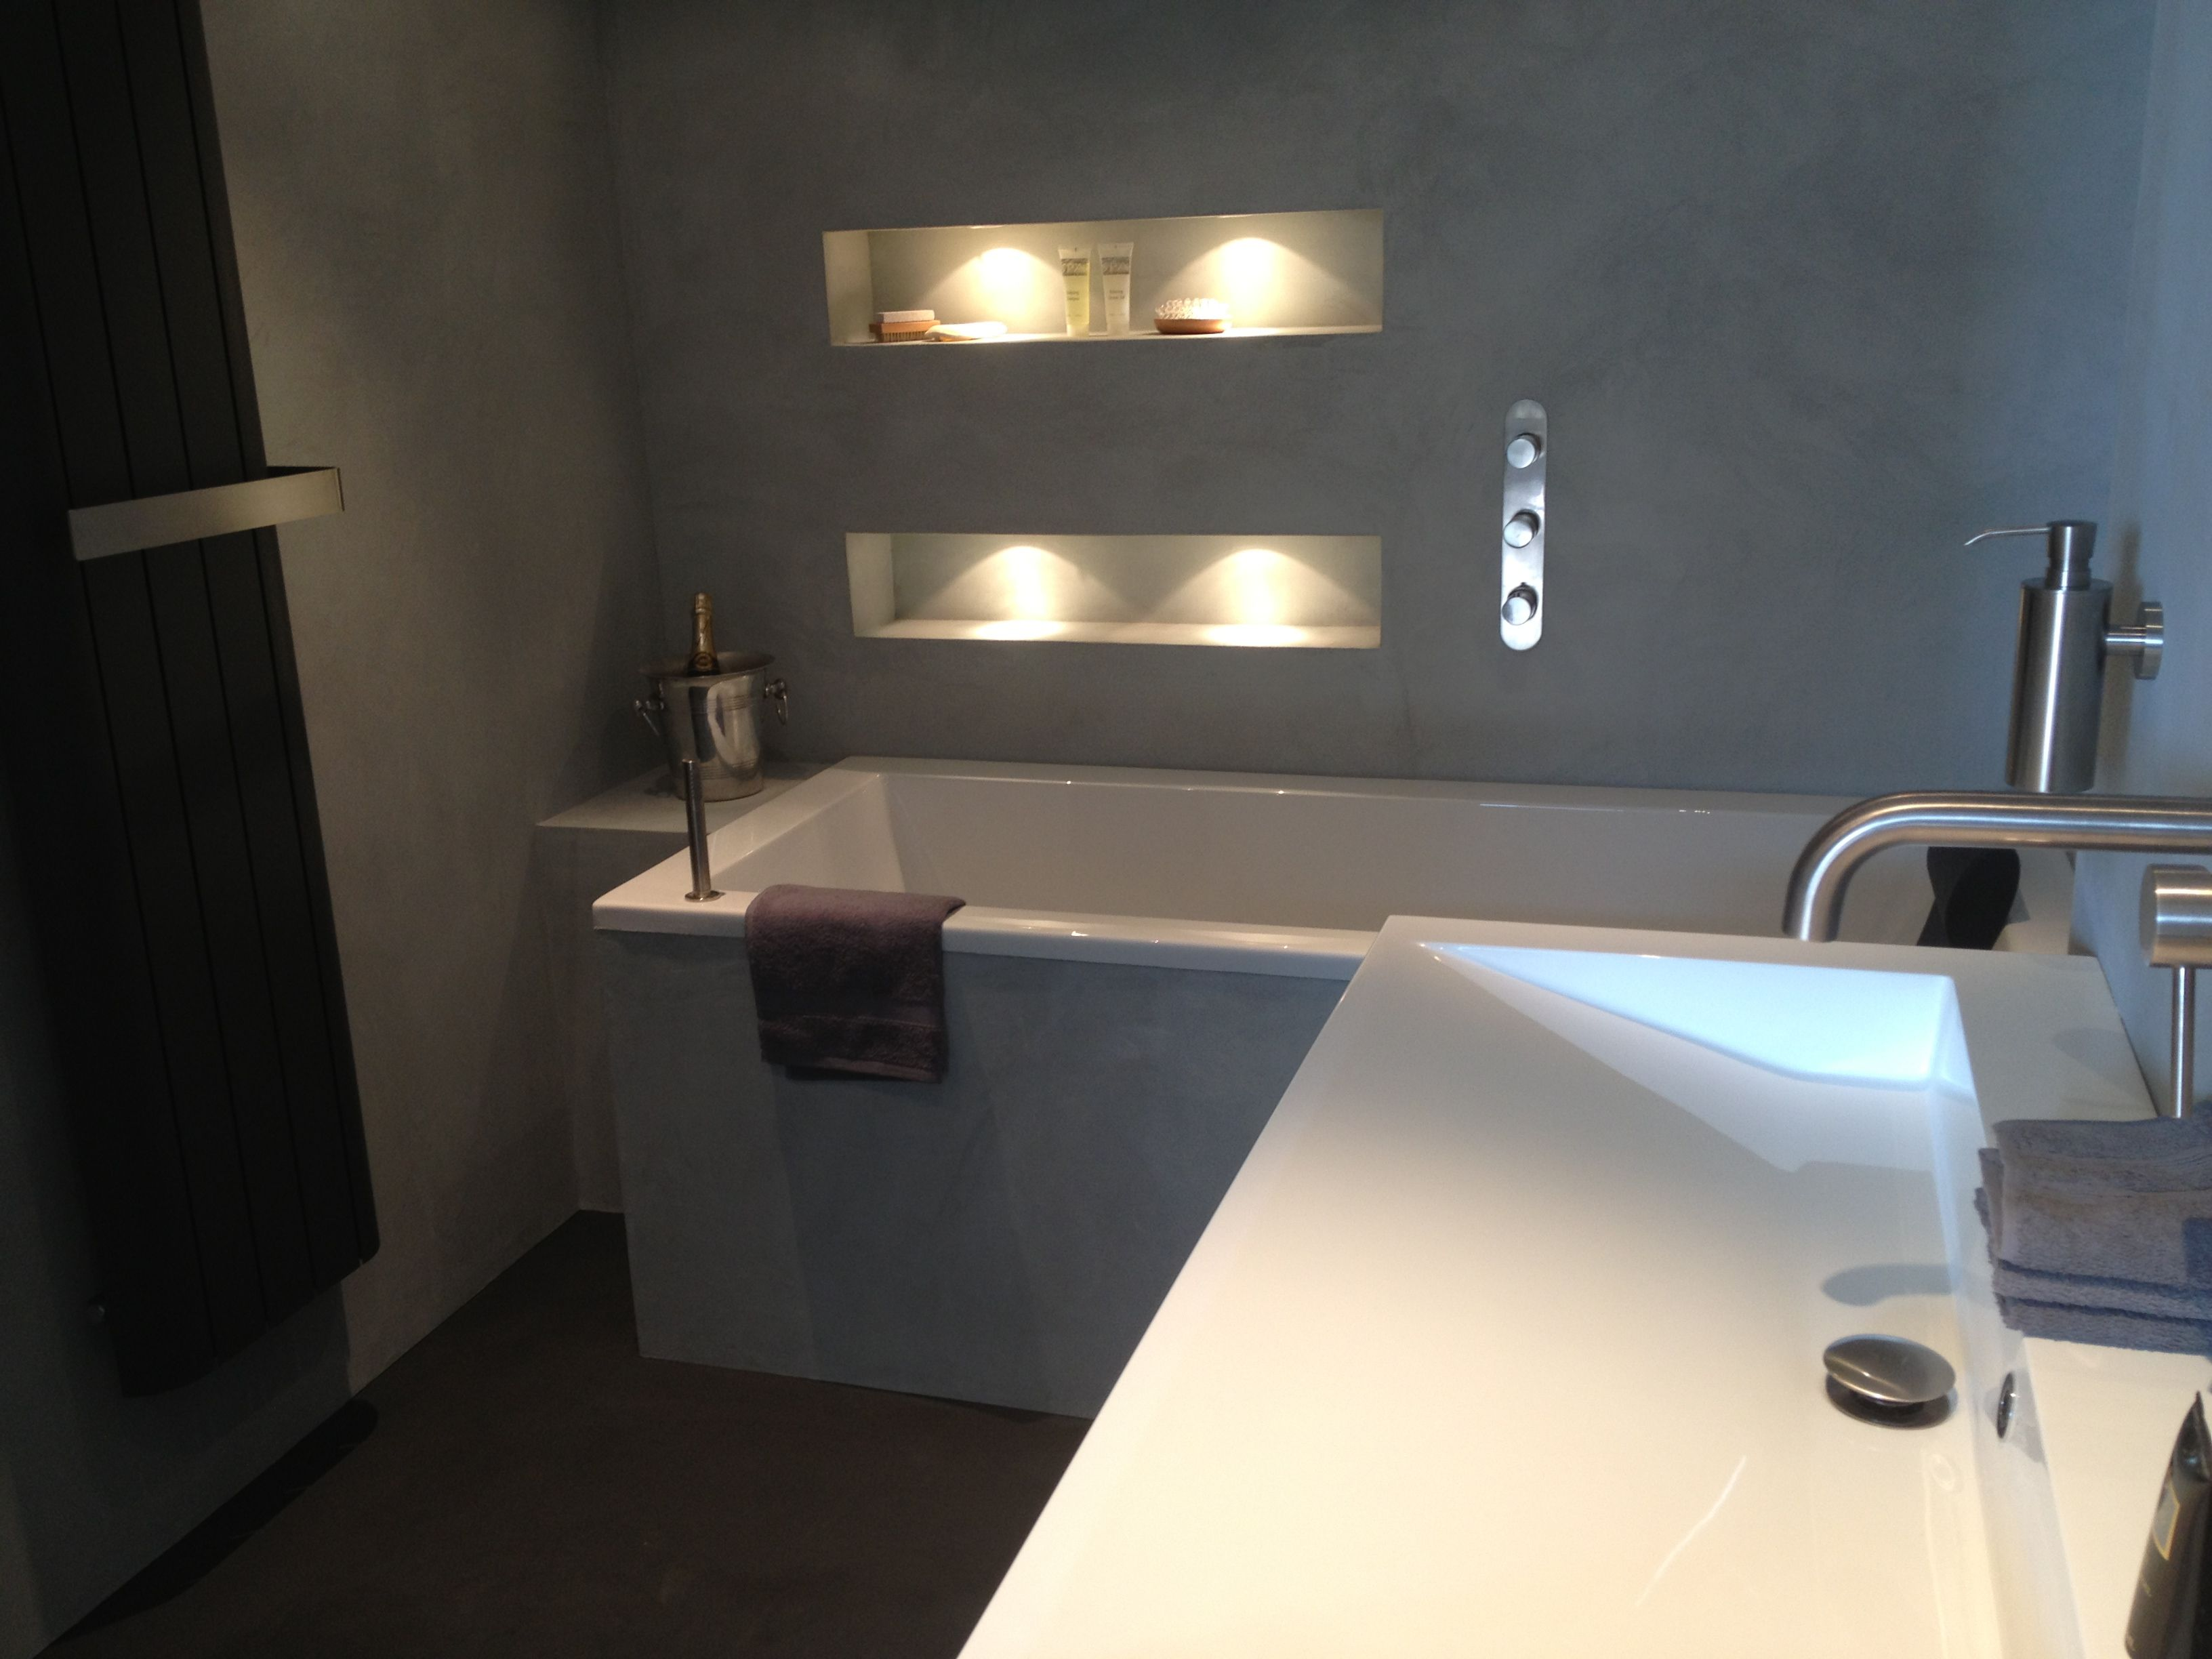 badkamer betonlook google zoeken badkamer pinterest